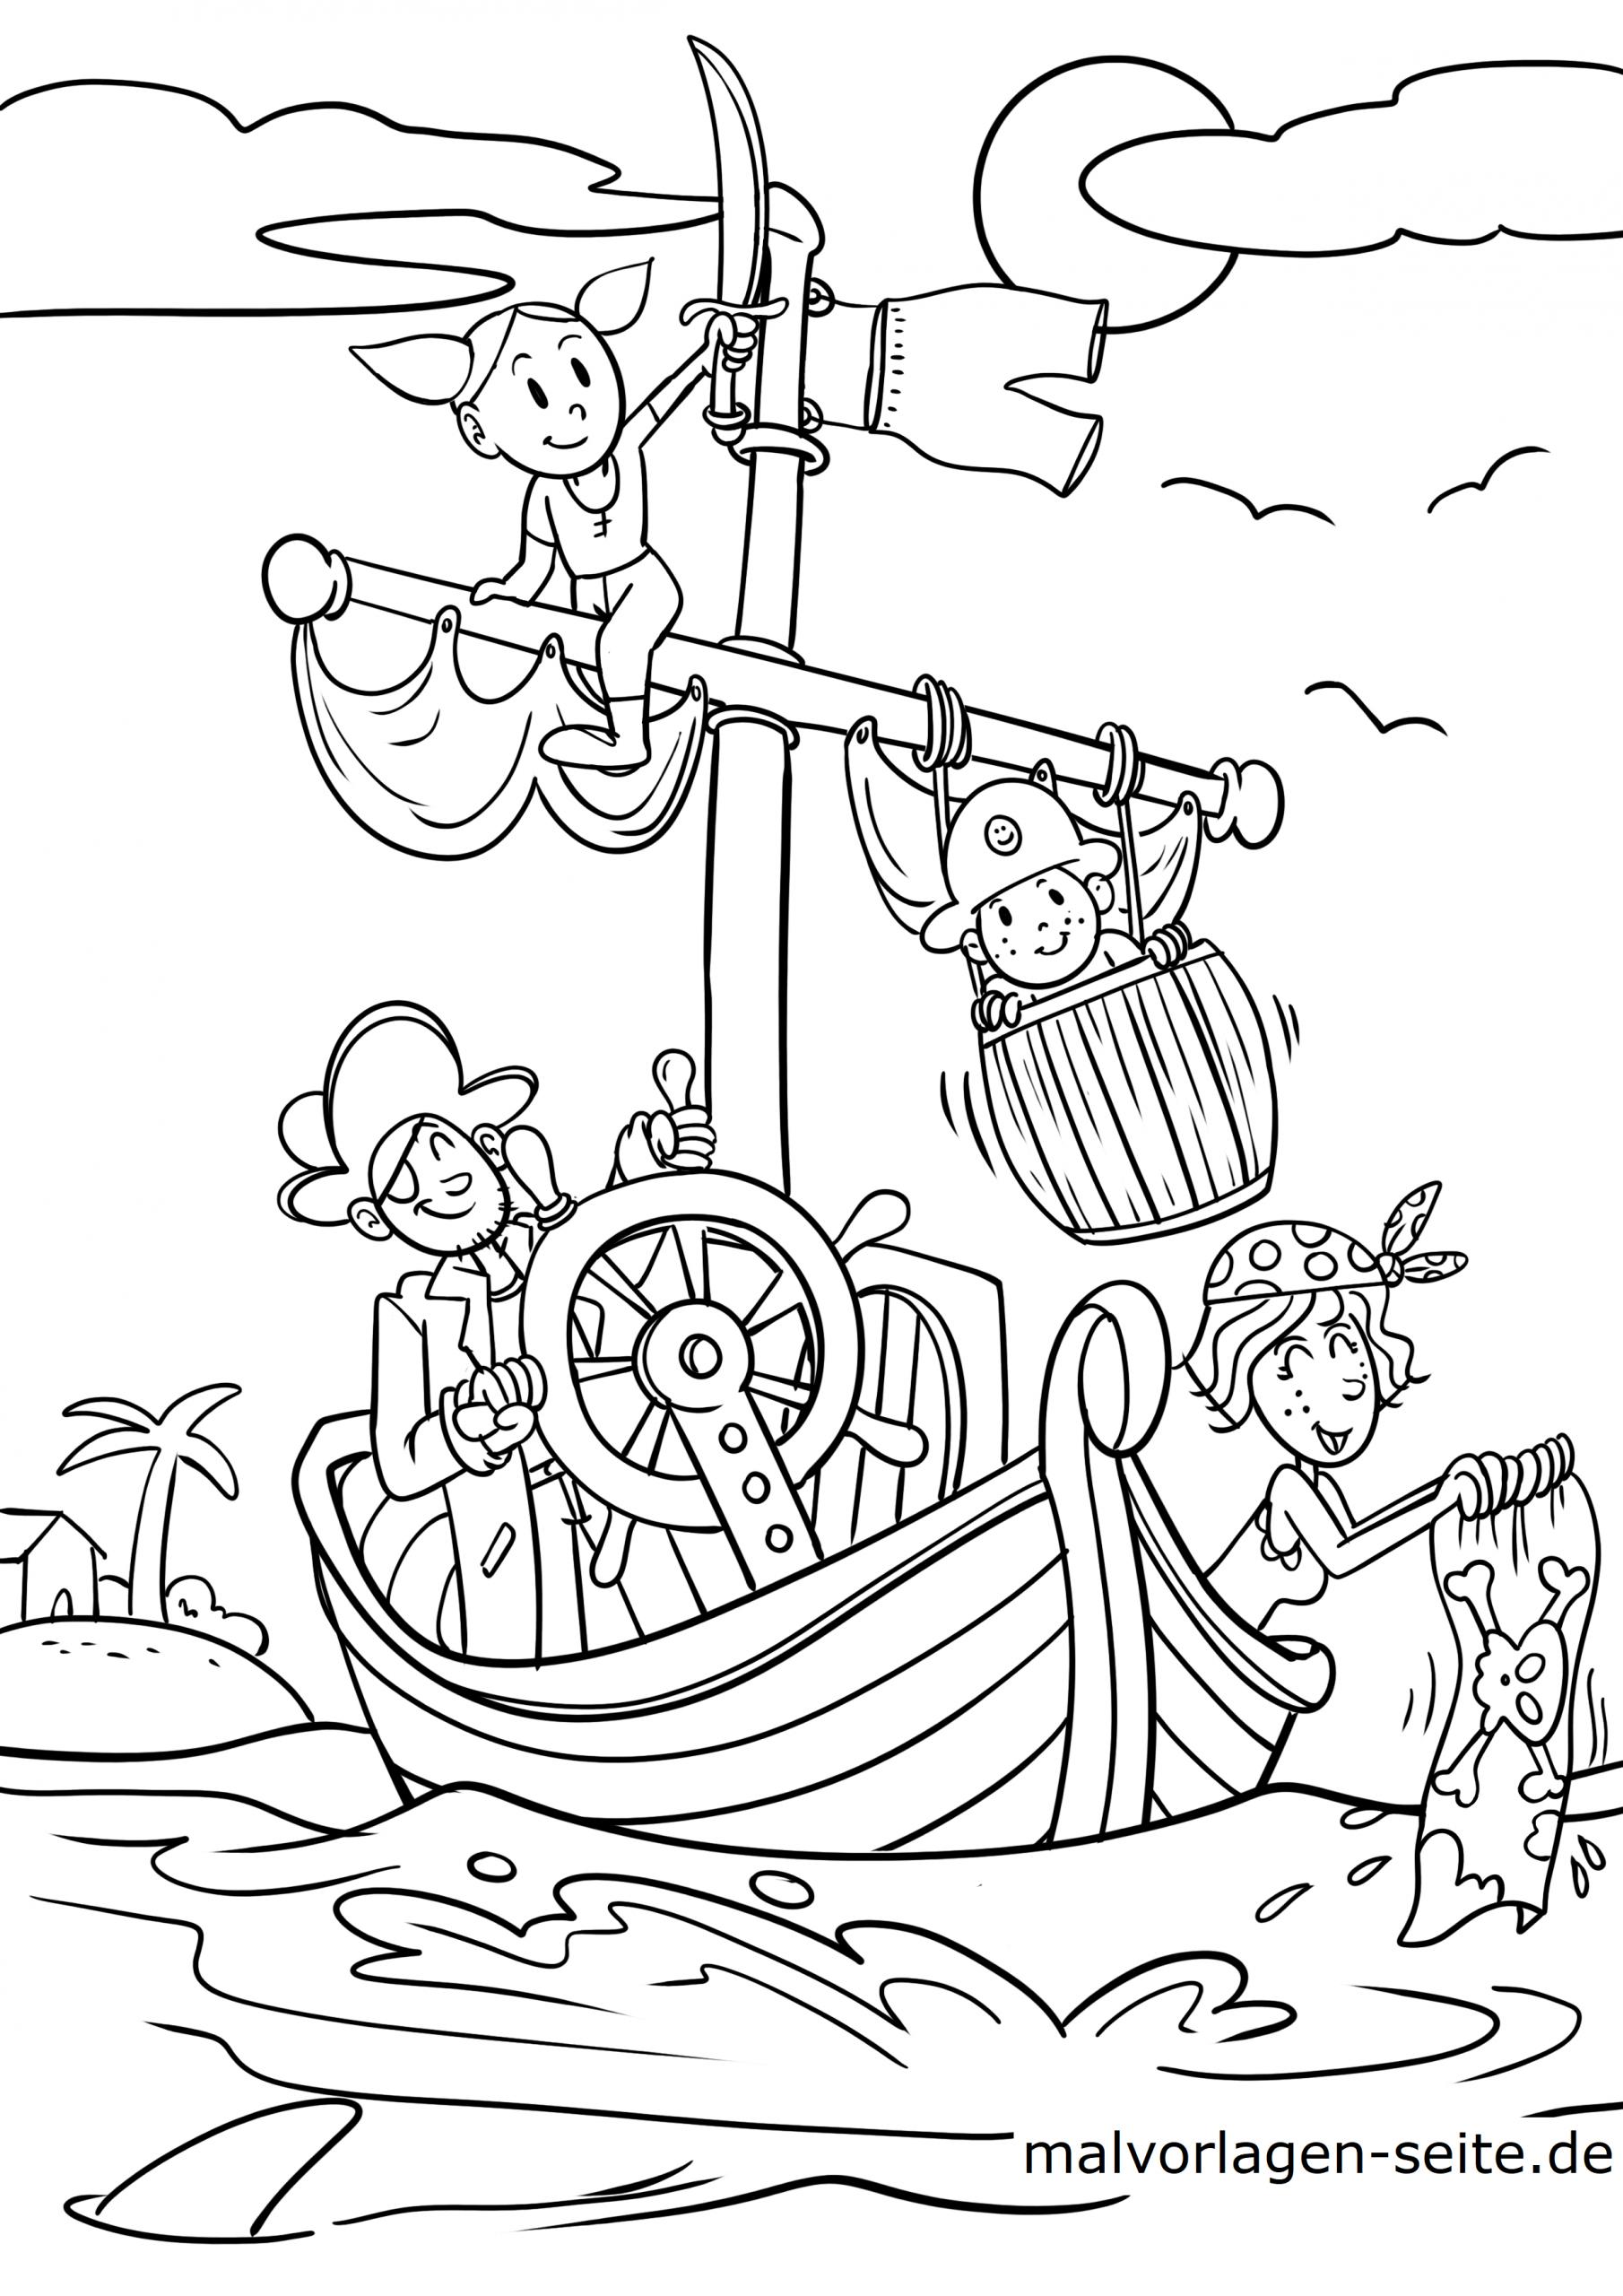 Malvorlage Pirat - Ausmalbilder Kostenlos Herunterladen für Ausmalbilder Piraten